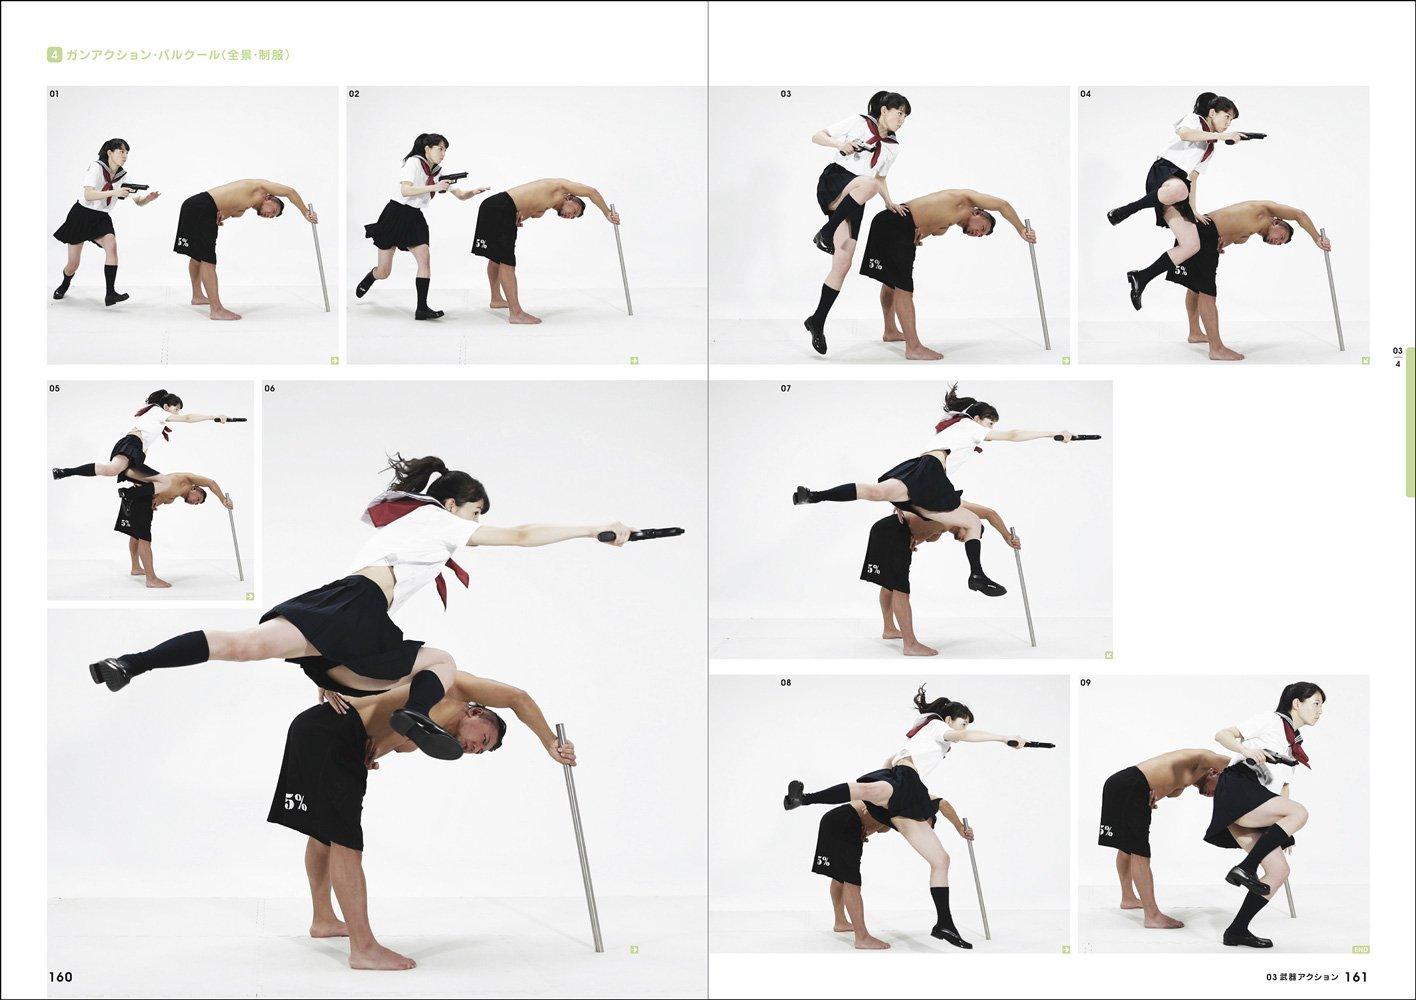 パンチラ写真をうPしよう☆85目撃め [無断転載禁止]©bbspink.comYouTube動画>3本 ->画像>3916枚